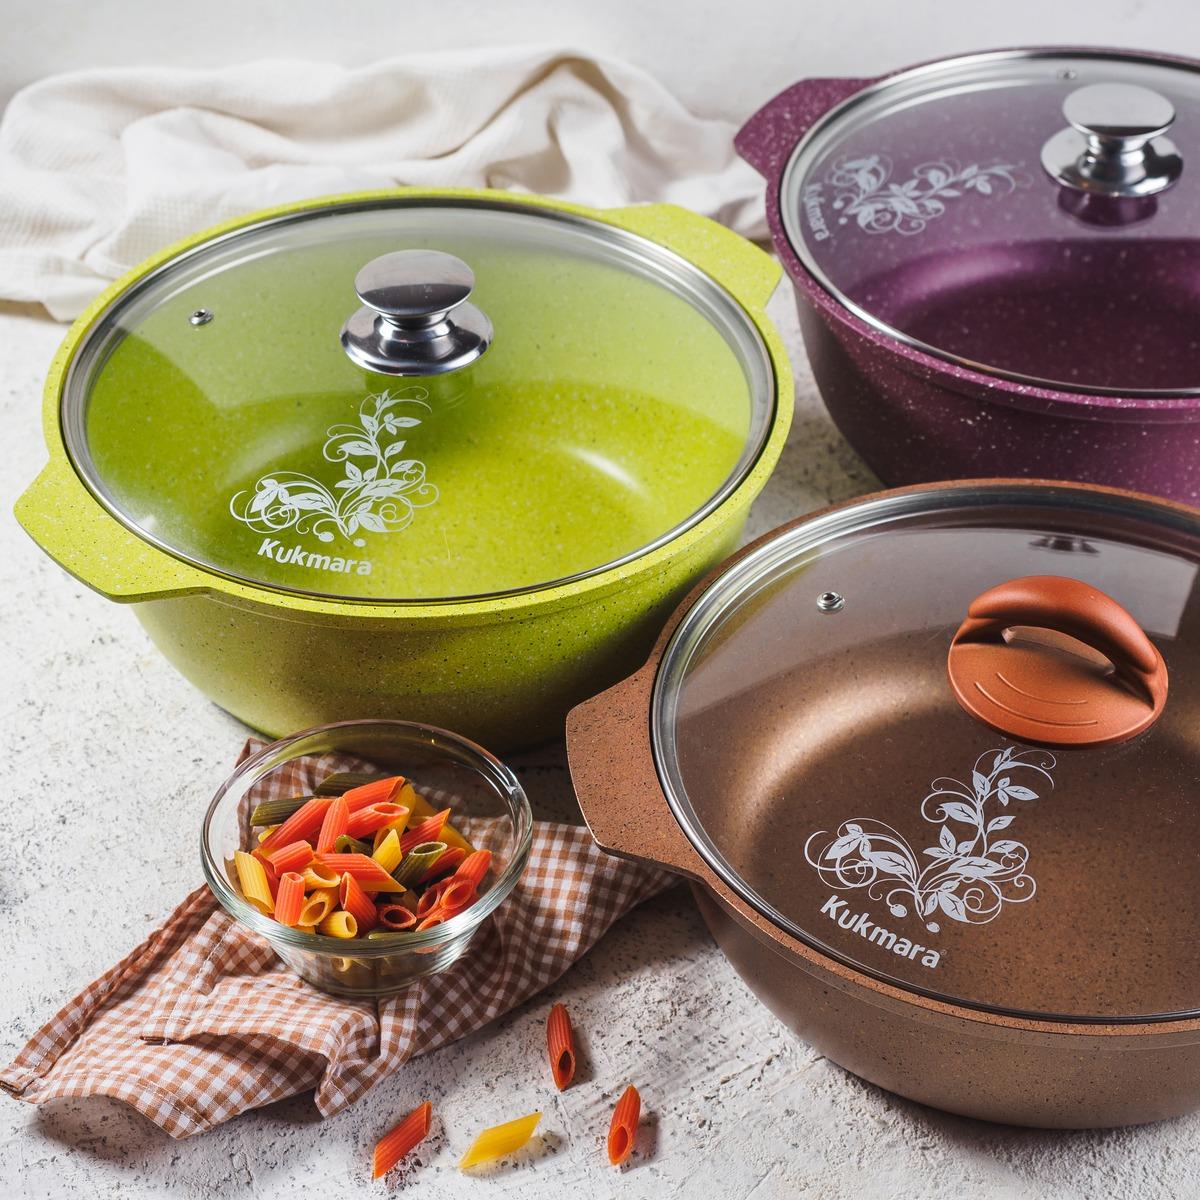 Где найти красивую и качественную посуду?